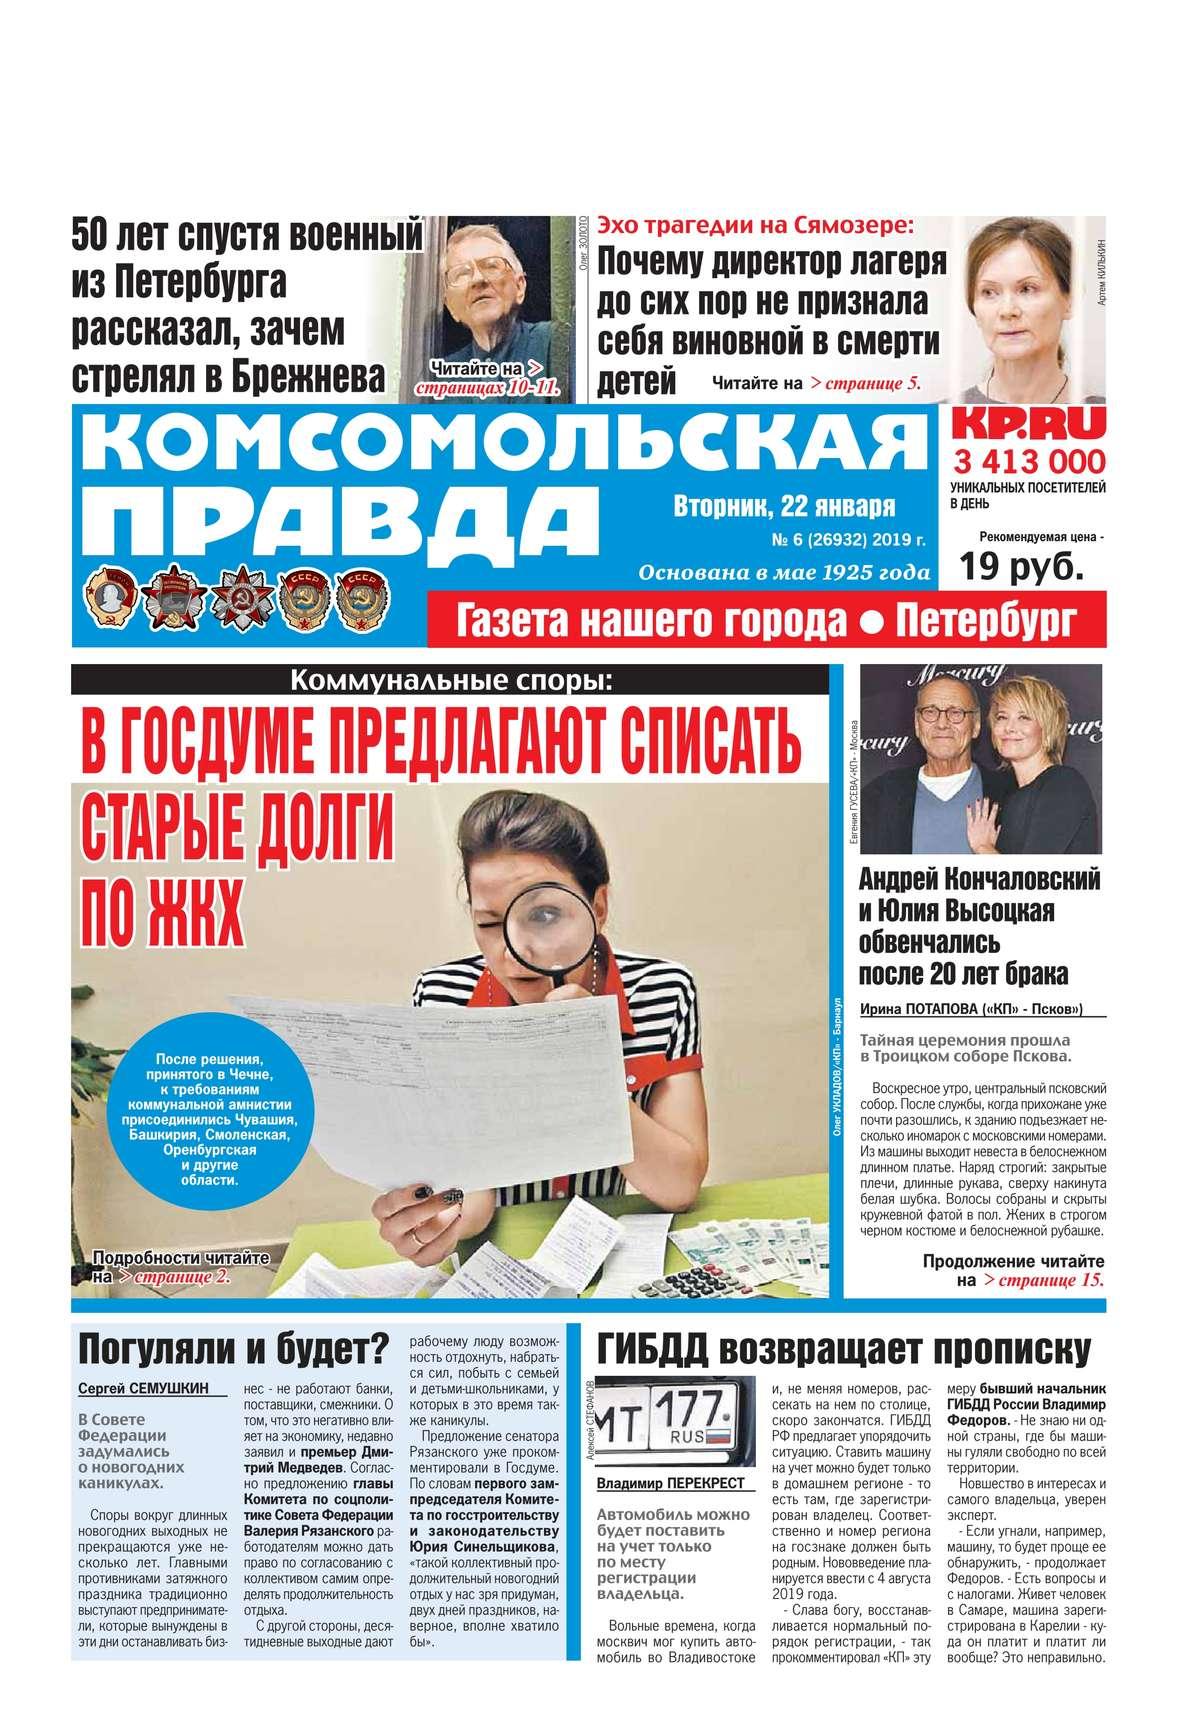 Комсомольская Правда. Санкт-Петербург 06-2019